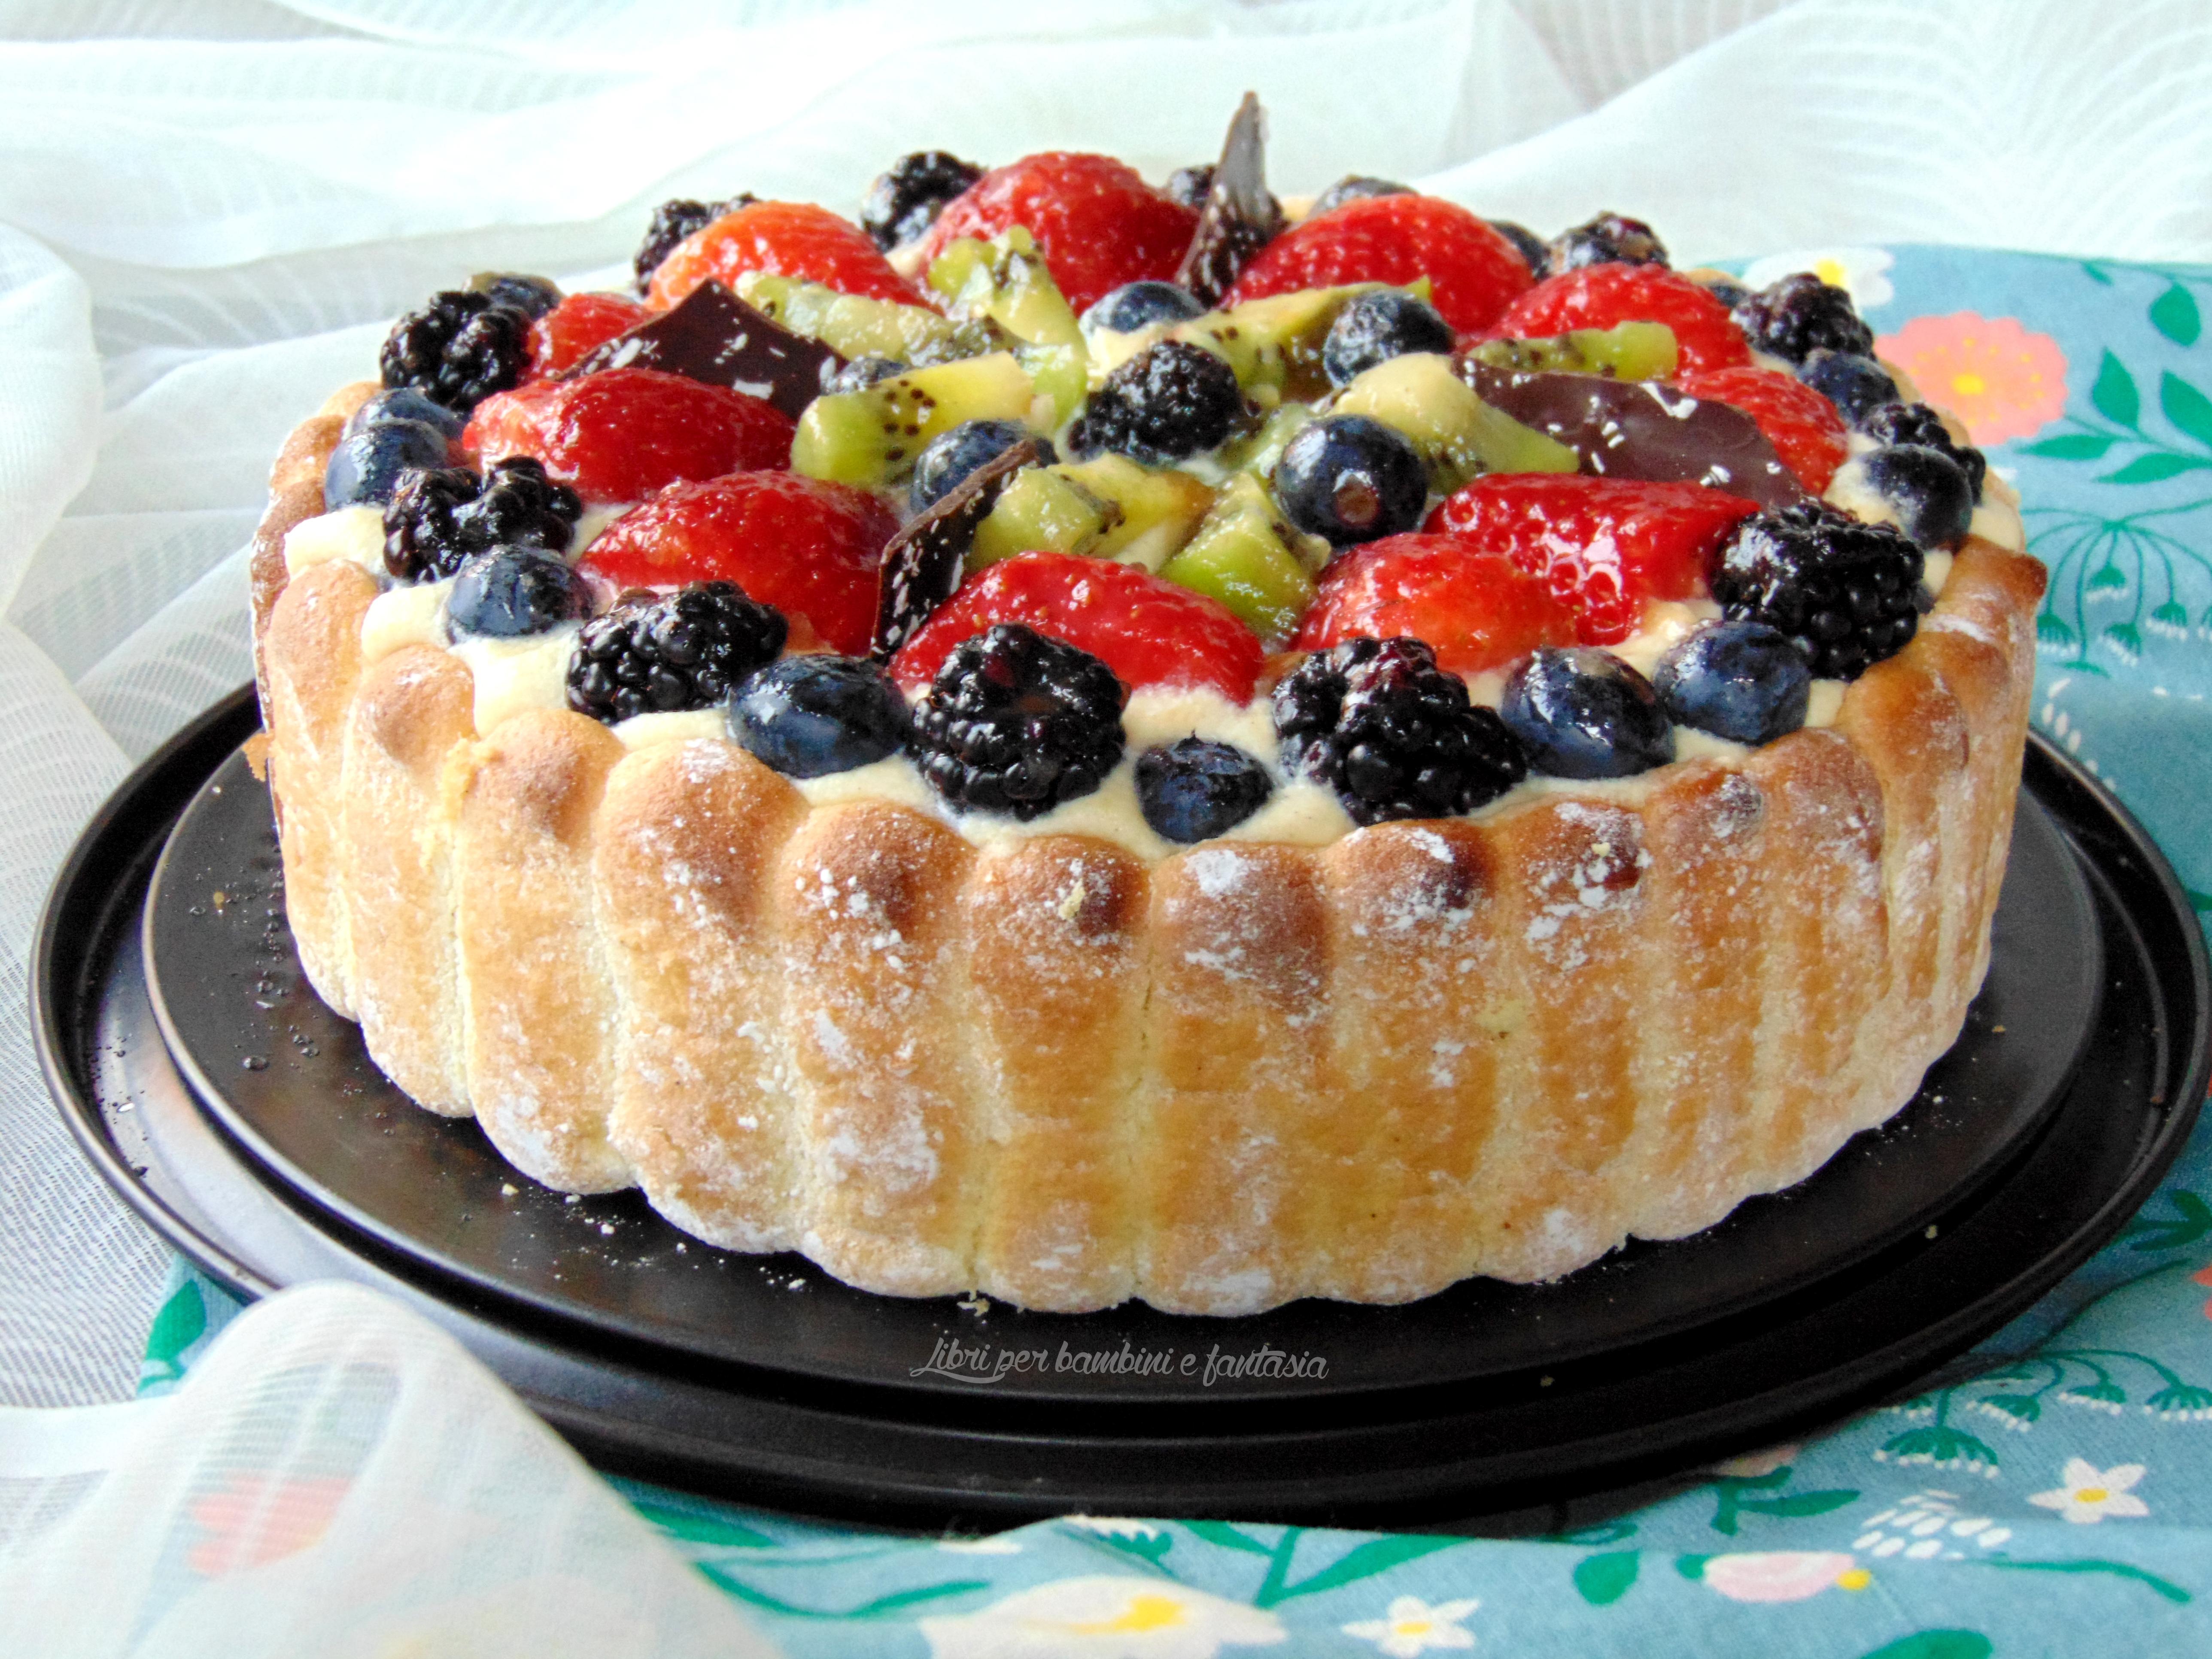 Dolci Da Credenza Iginio Massari : Ricette dolci archivi pagina di il ricettario timo e lavanda